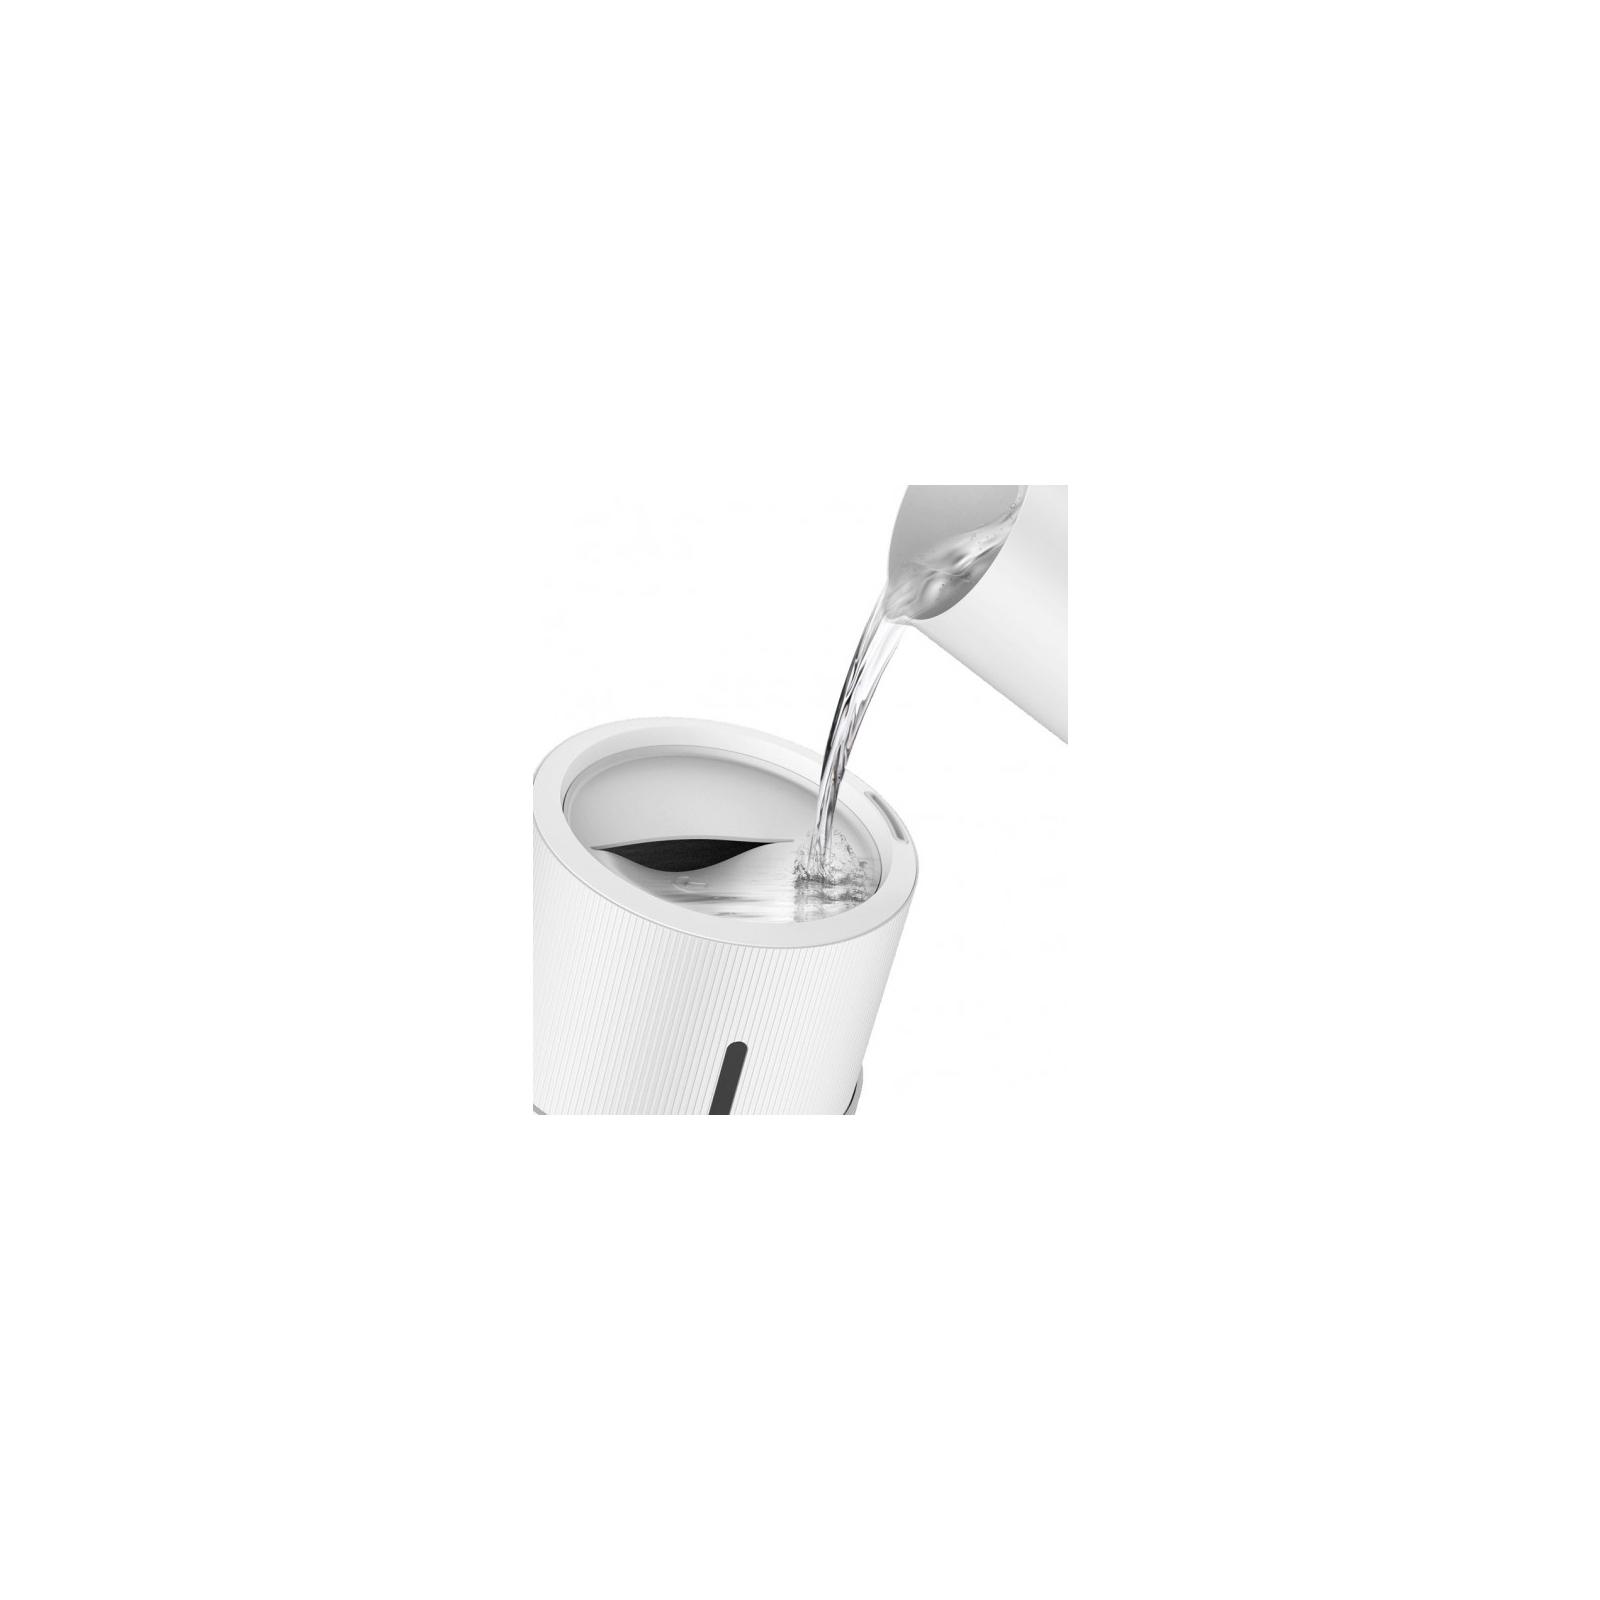 Увлажнитель воздуха Deerma Humidifier White (DEM-SJS100) изображение 3